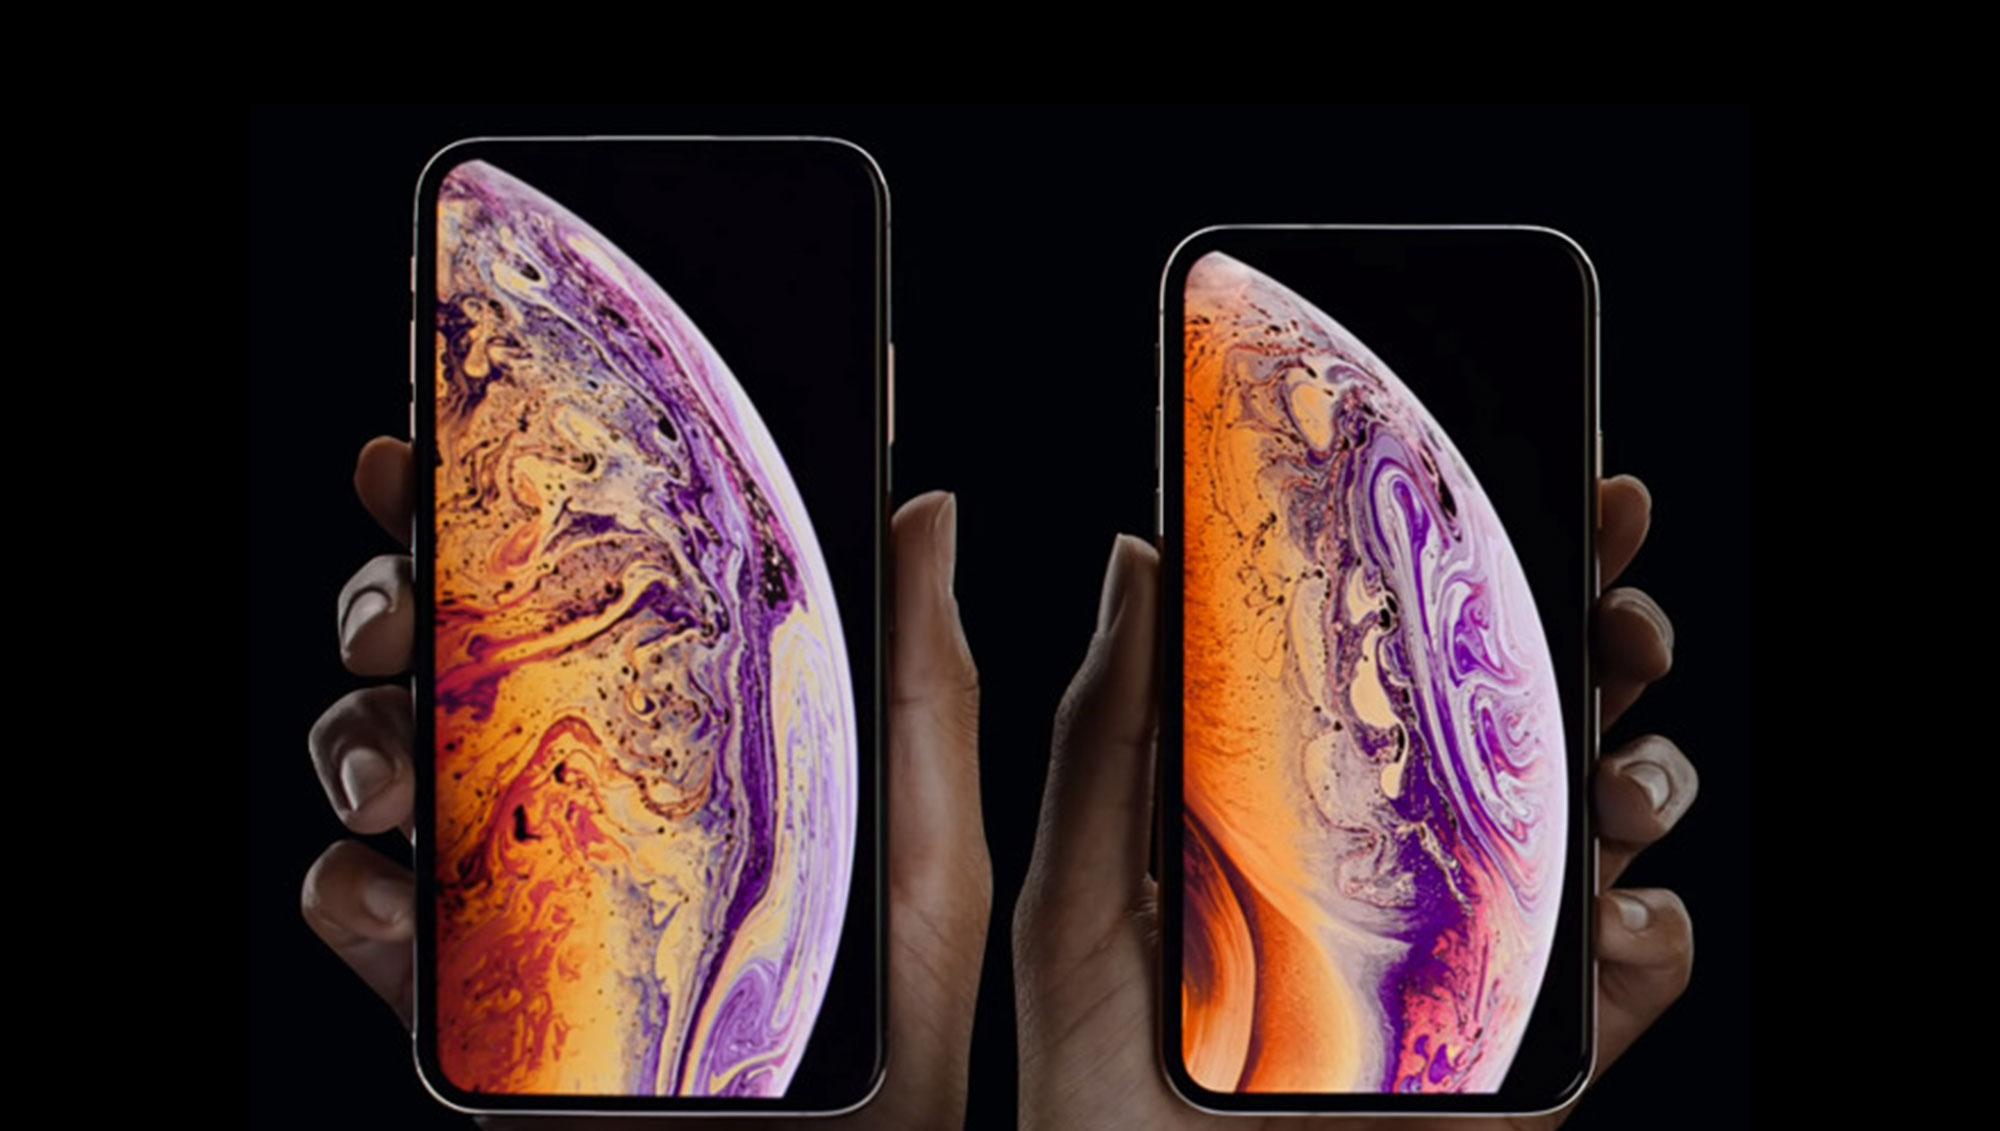 研究表明 iPhone XS 系列机型 4G 网速相较前代提速 26%